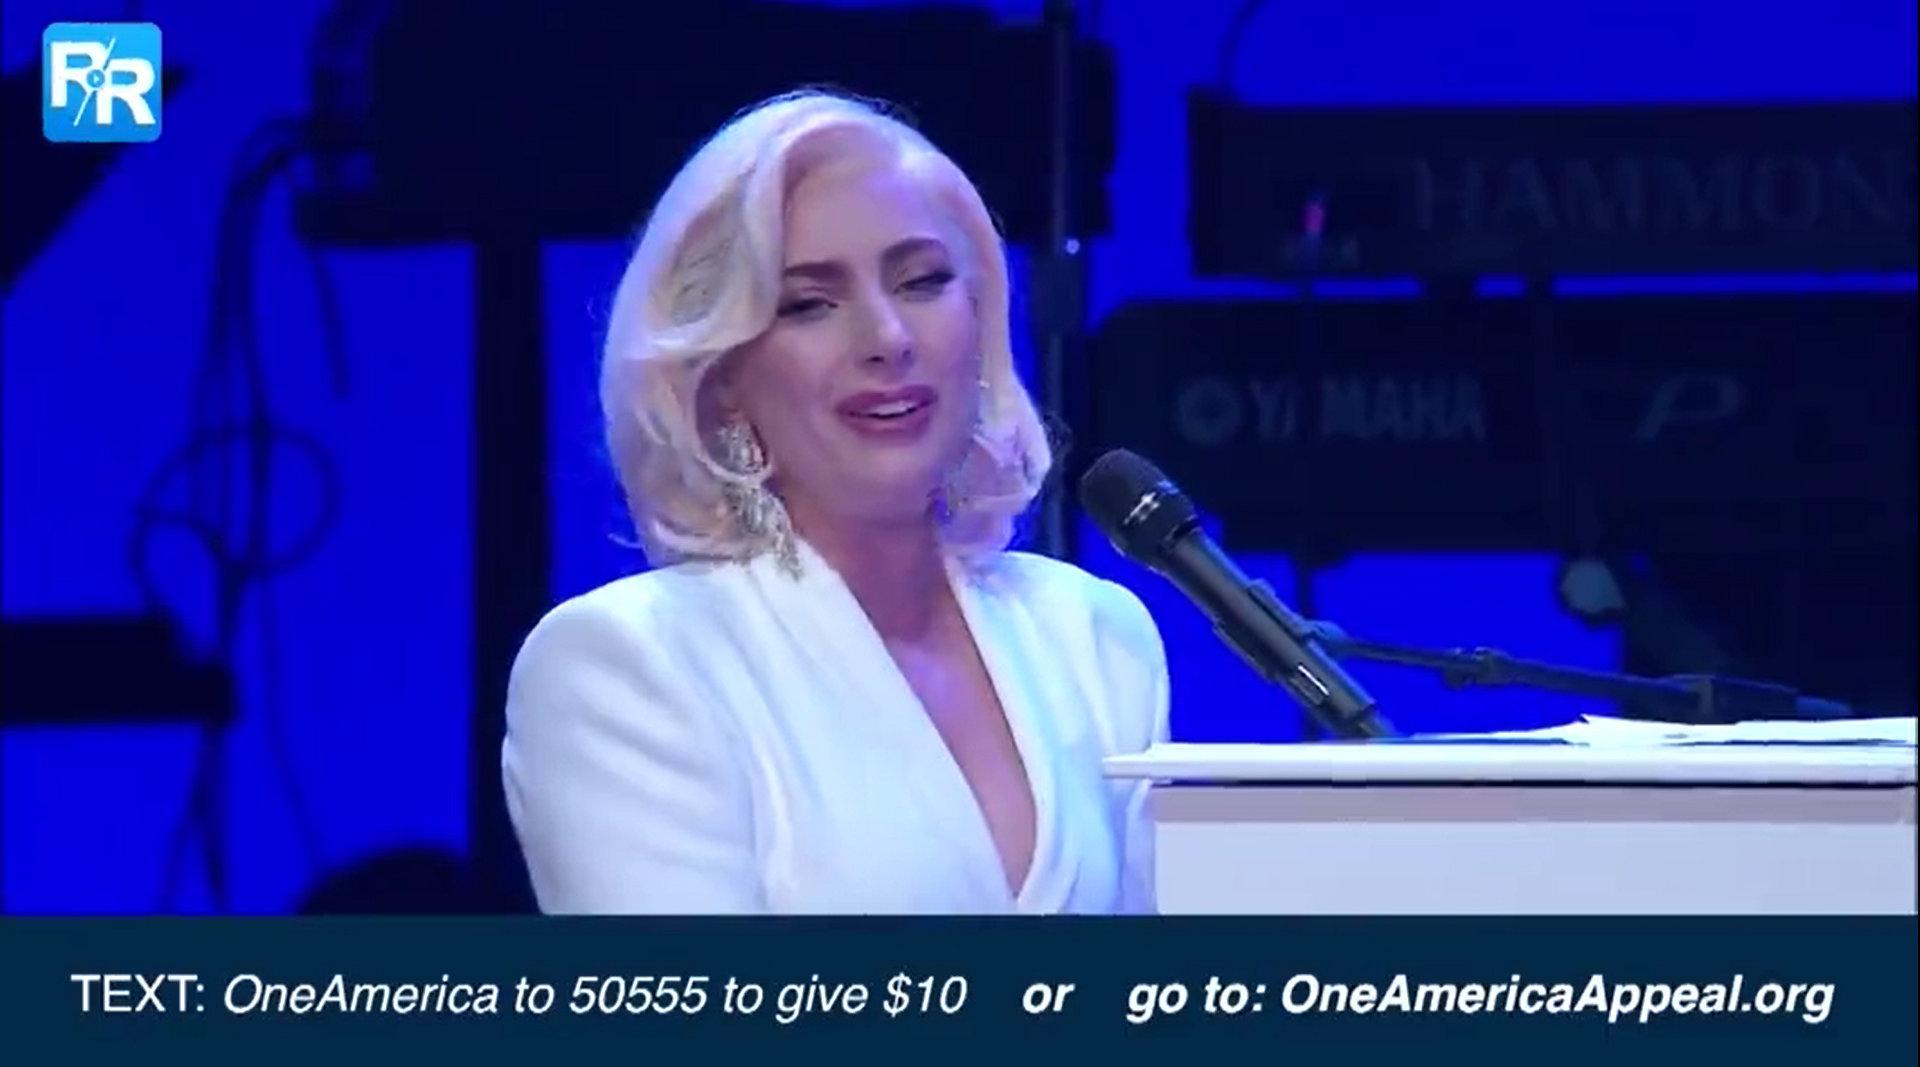 人人视频全网中字首发 Lady Gaga最新慈善晚会现场视频出炉!...